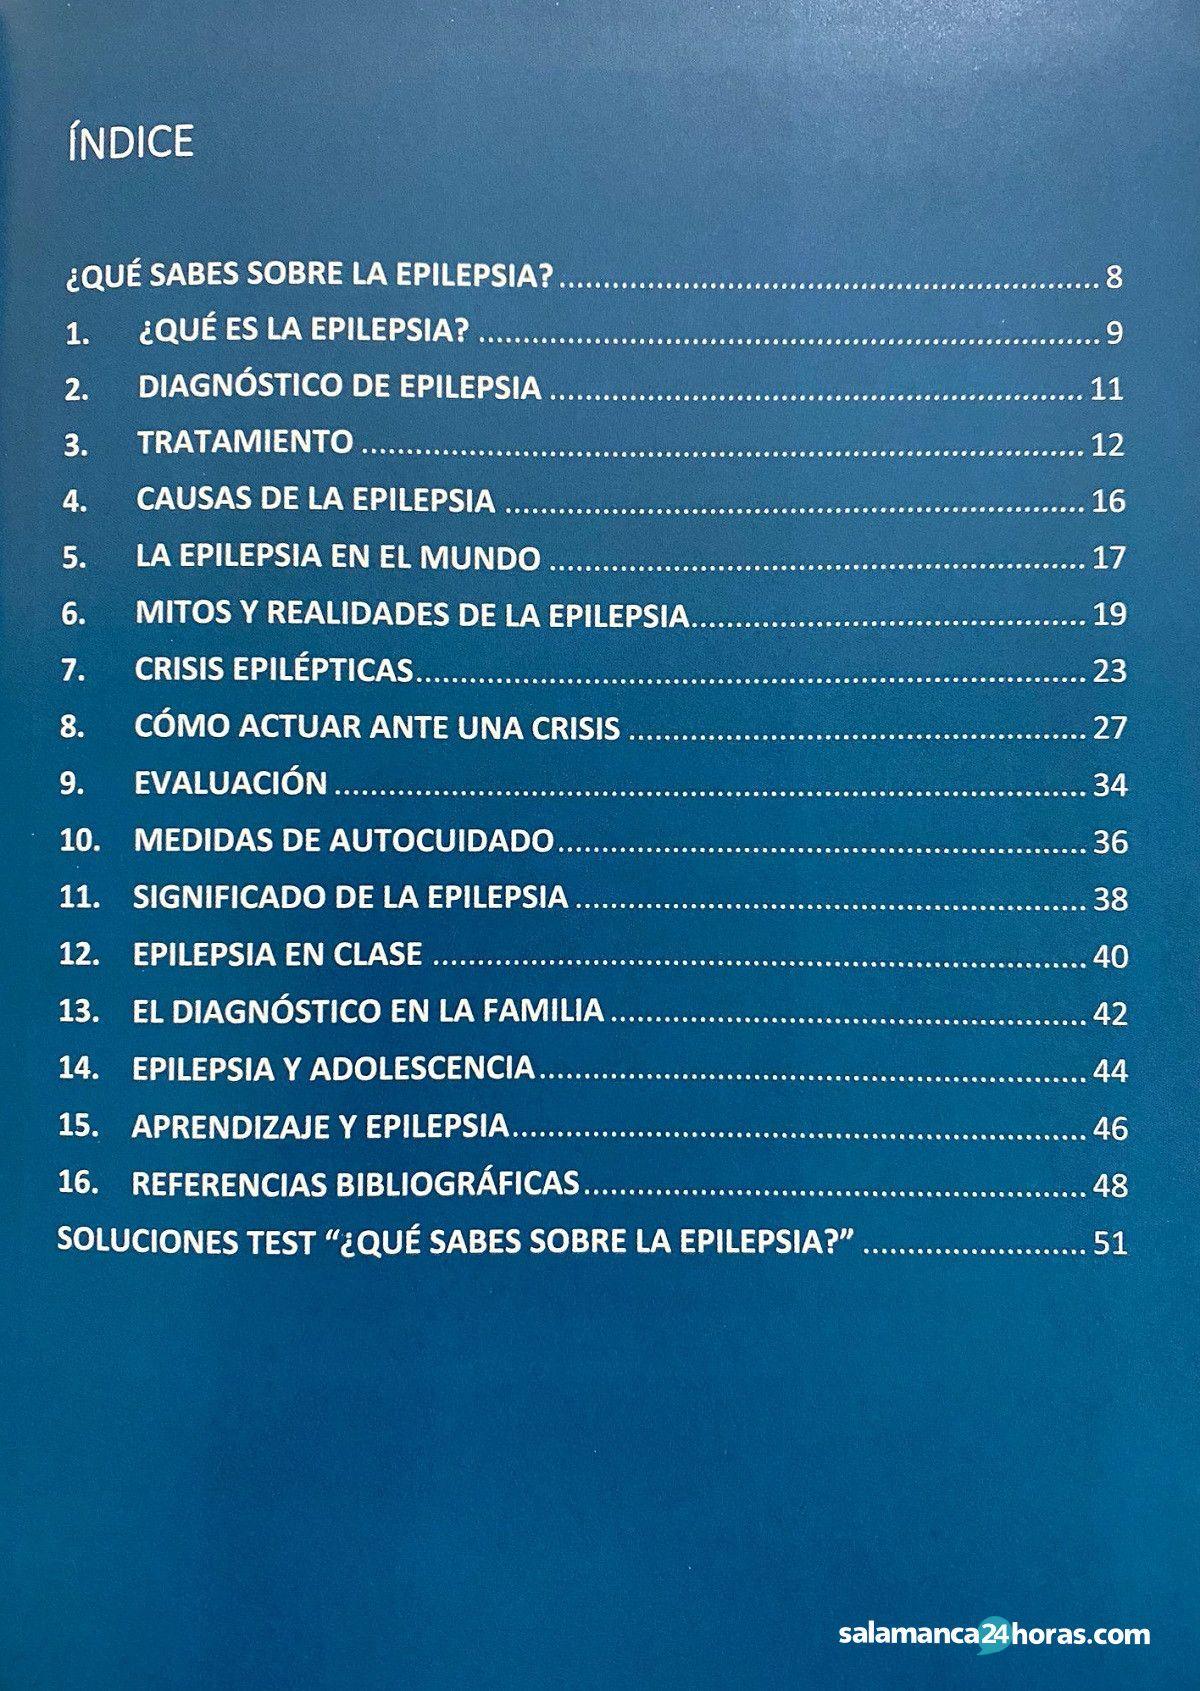 Guía básica de la epilepsia en el ámbito educativo (2)